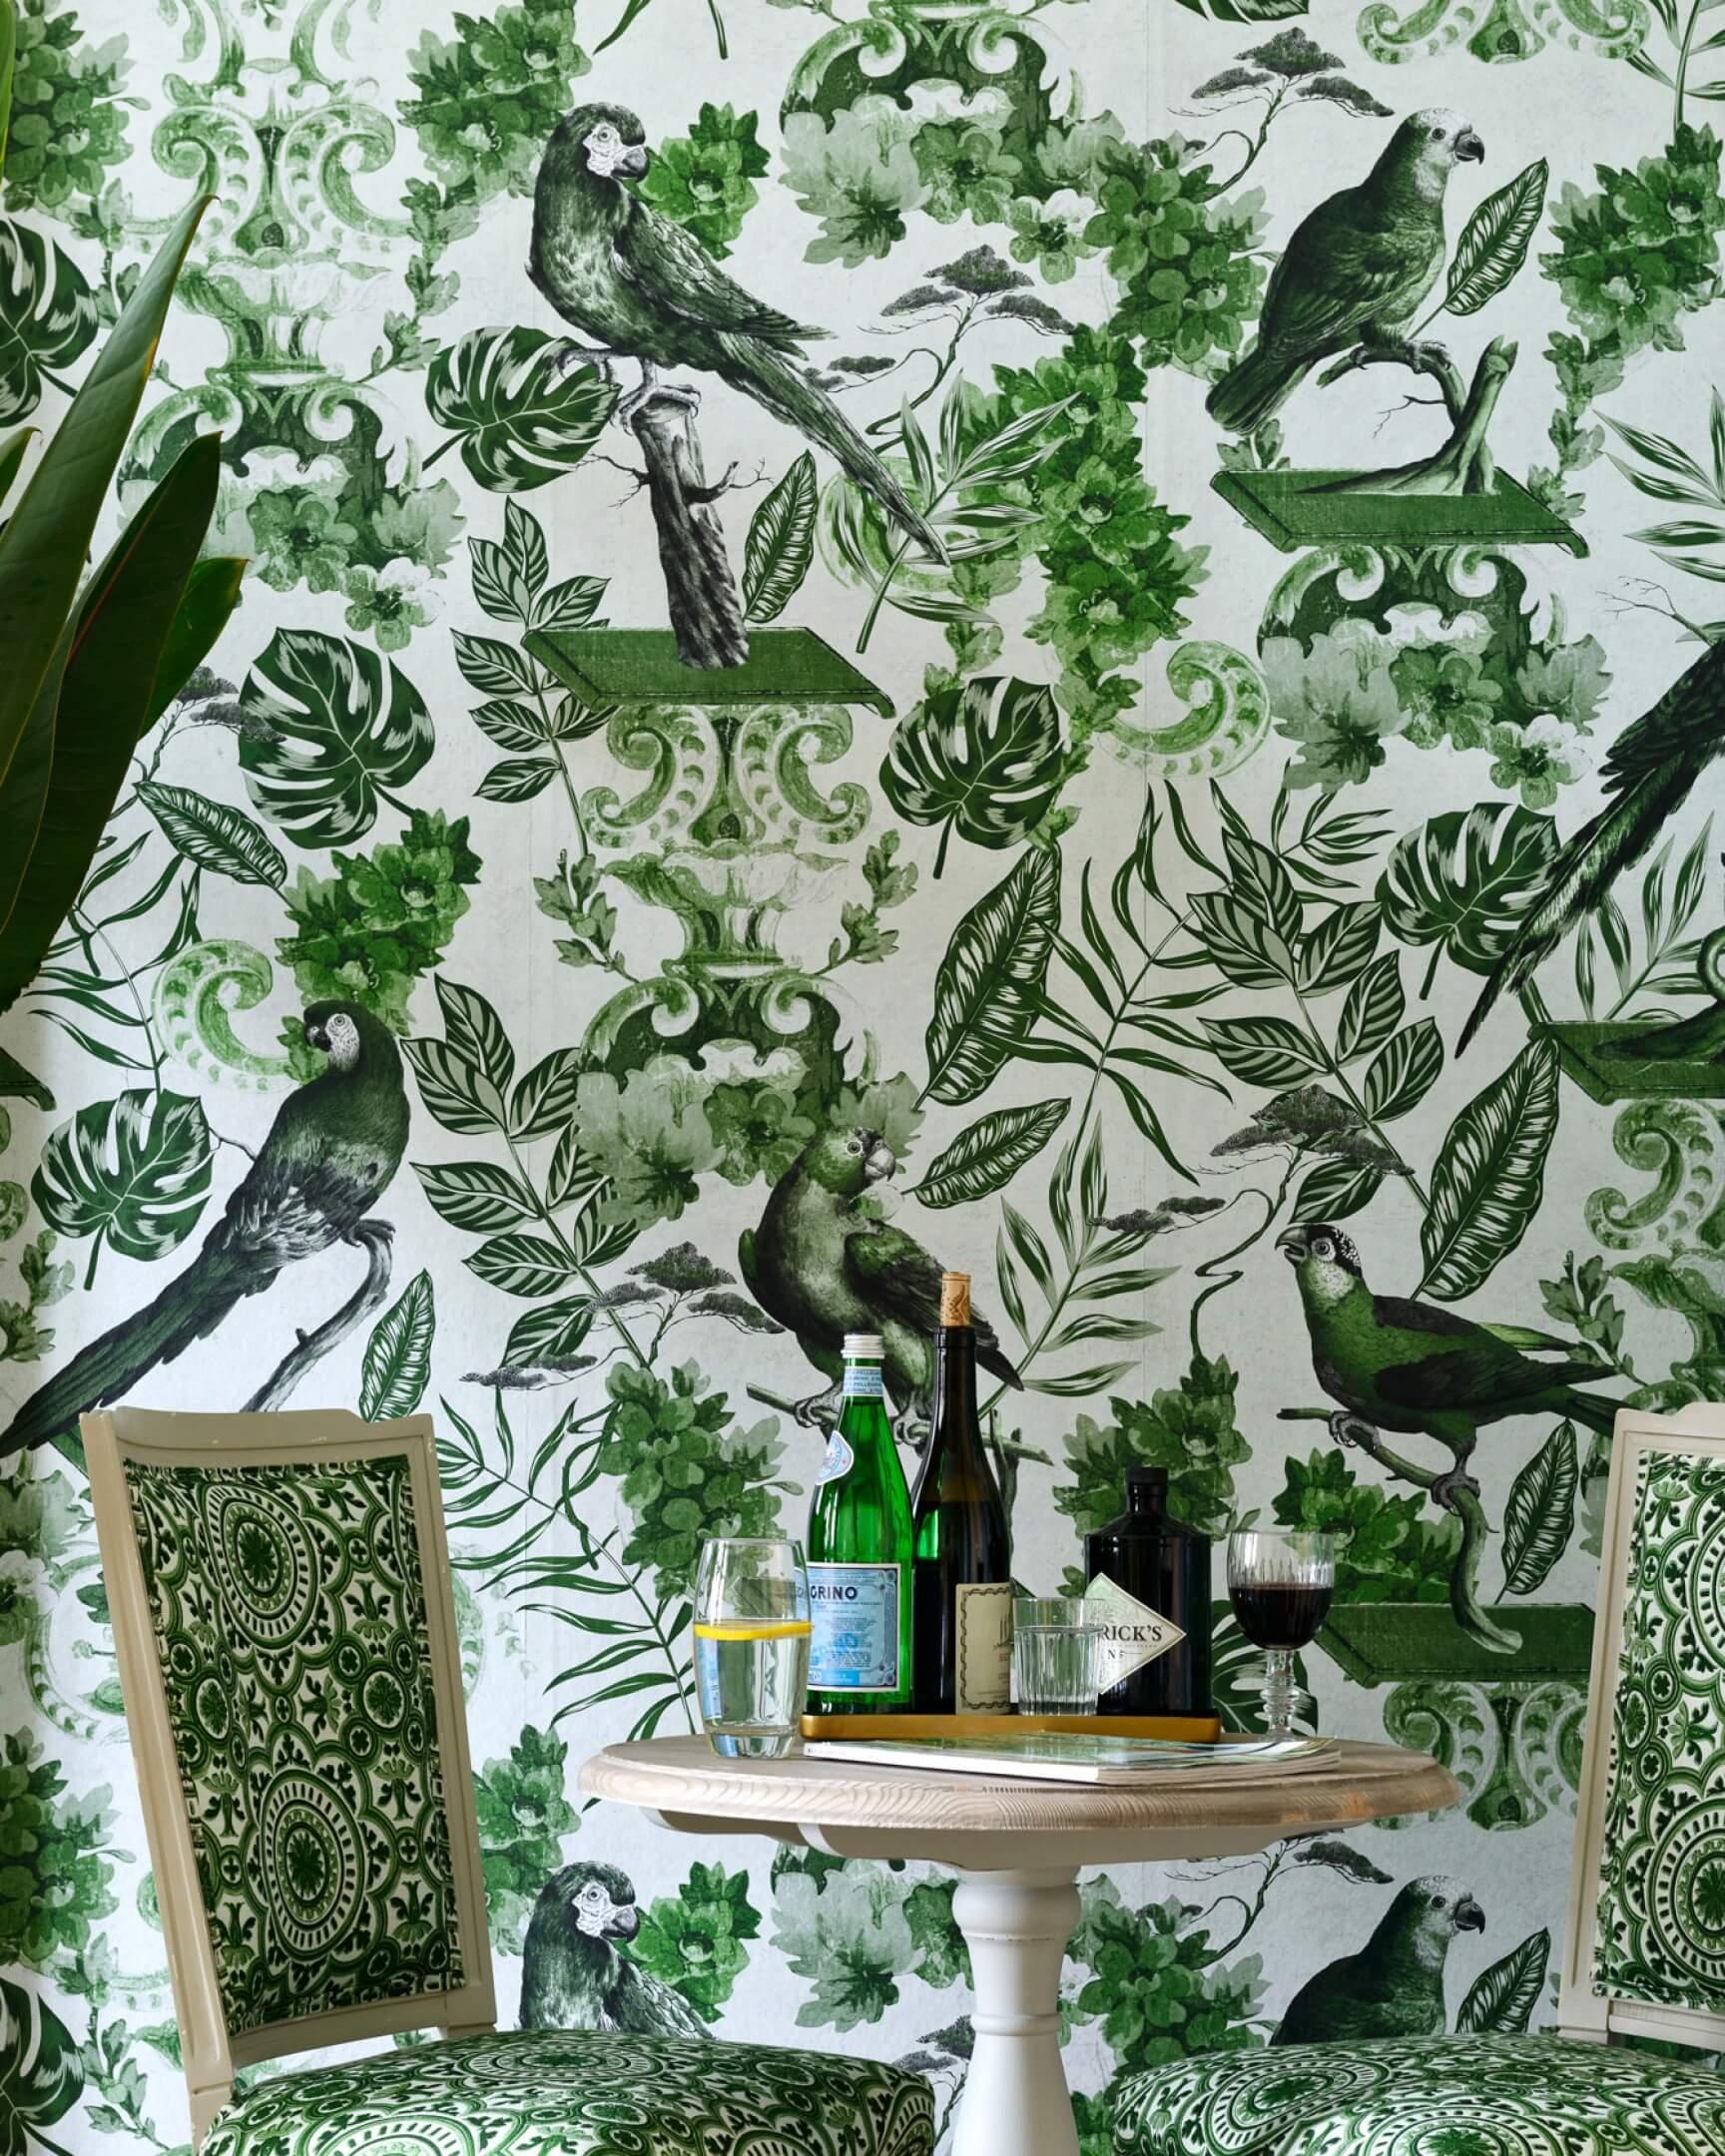 Tapeta z papugami i egzotyczną roślinnością Mind the Gap WP20438 La Voliere Green